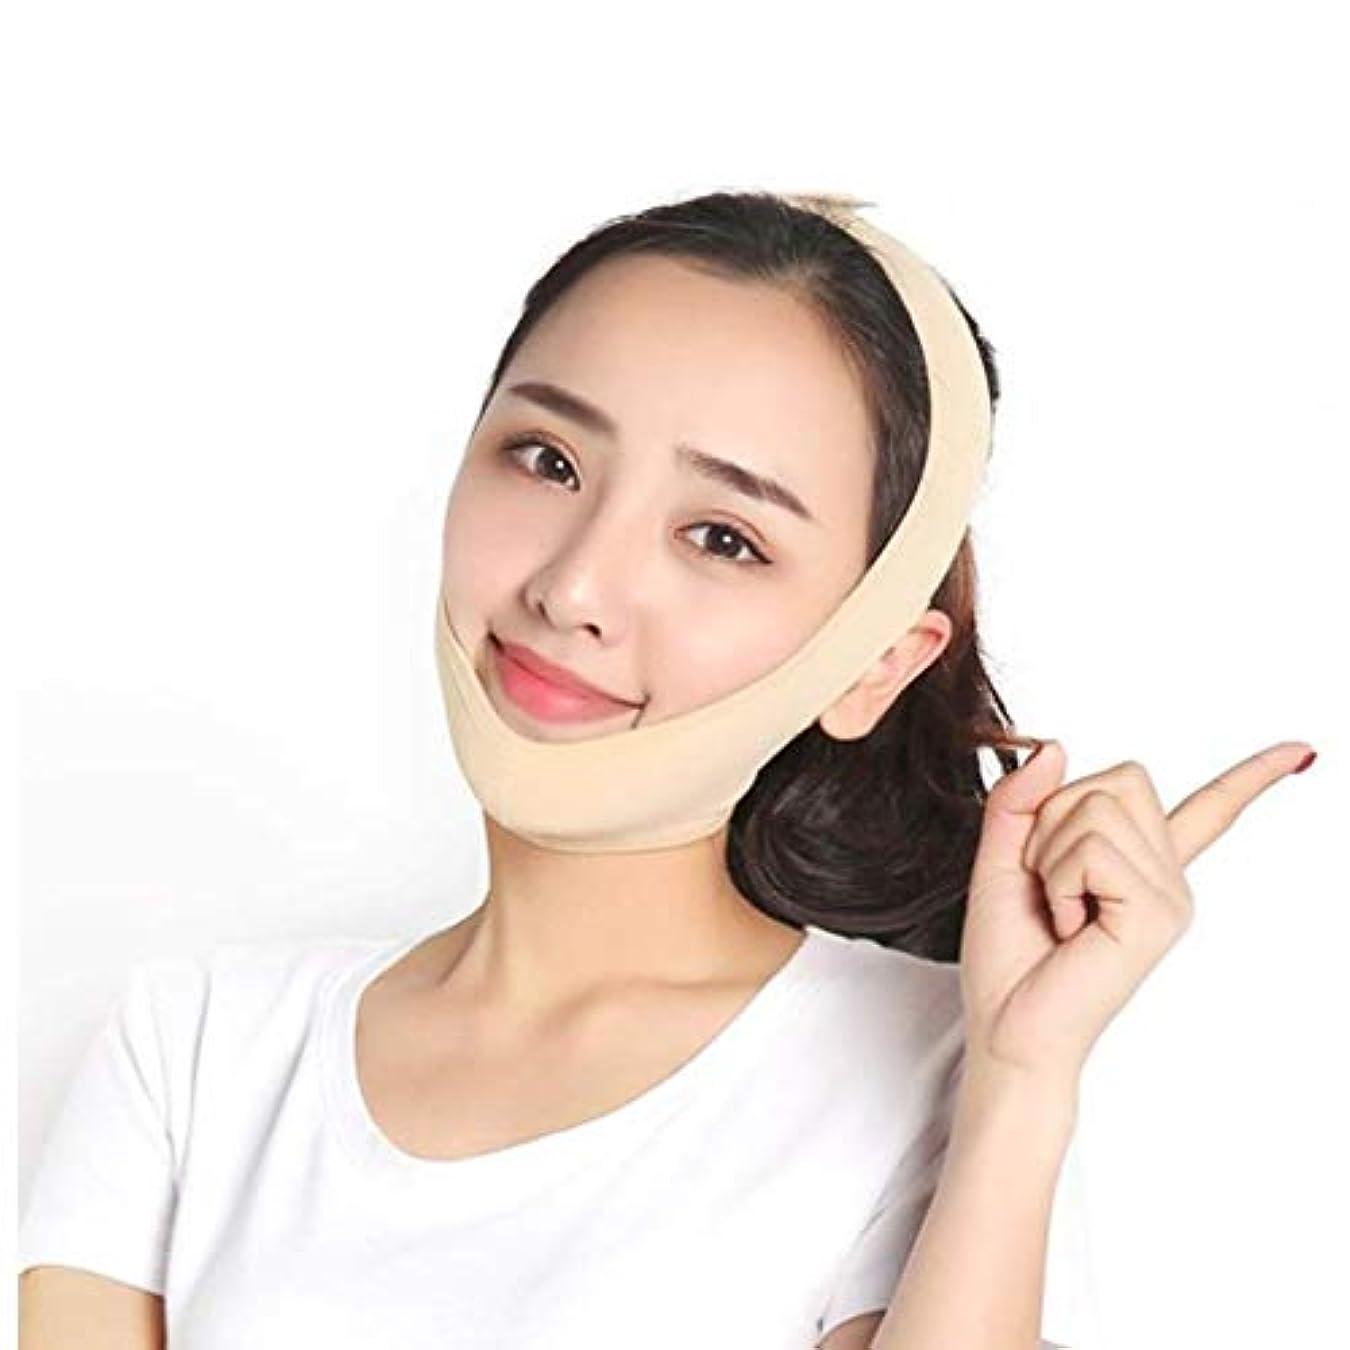 想像する順応性のある抑止するリダクターパパダ、レバンテラメジラバービラデルガダ、フェイシャル減量リフティング包帯、しわ防止フェイシャル包帯、スリミングフェイスマスク(サイズ:M),M